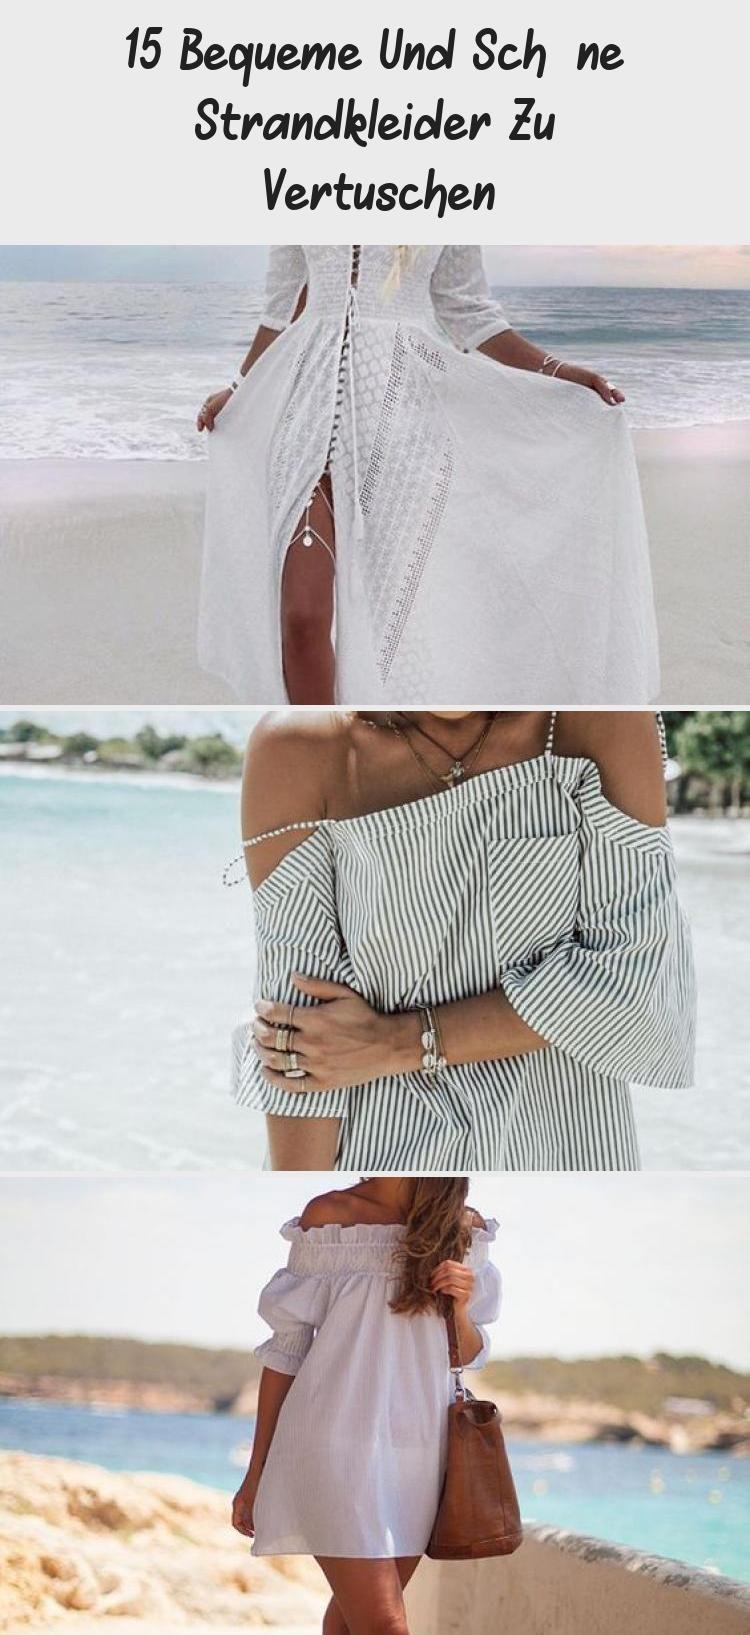 9 Bequeme und schöne Strandkleider zu vertuschen #bequeme #schone